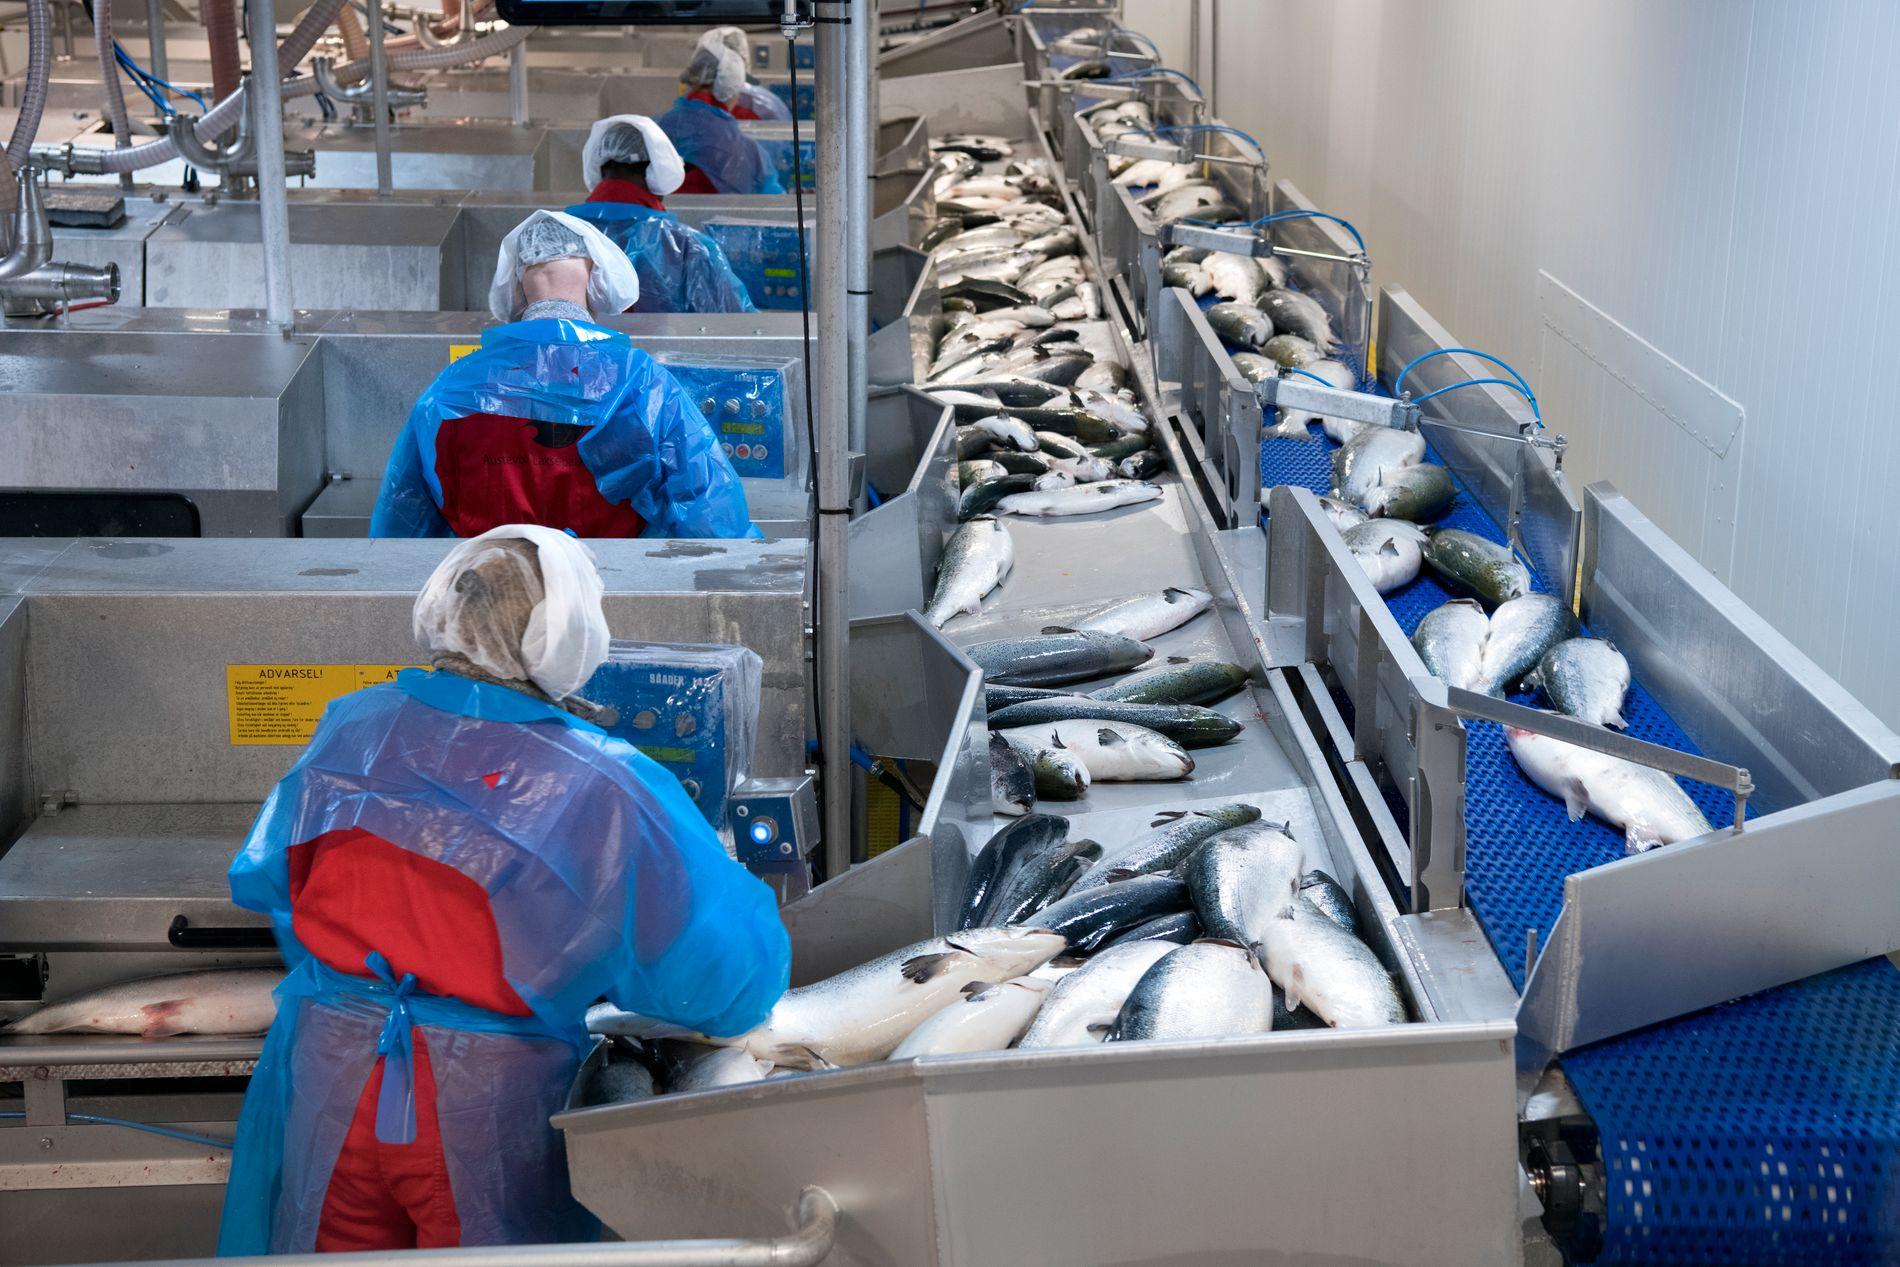 STOR ARBEIDSGIVER: Oppdrettsnæringen sysselsetter i dag nær 34.000 personer, hvis en tar med både havbruket, slakteriene og leverandørindustrien, skriver innsenderne. Her på Austevoll Laksepakkeri er det rundt 150 ansatte.